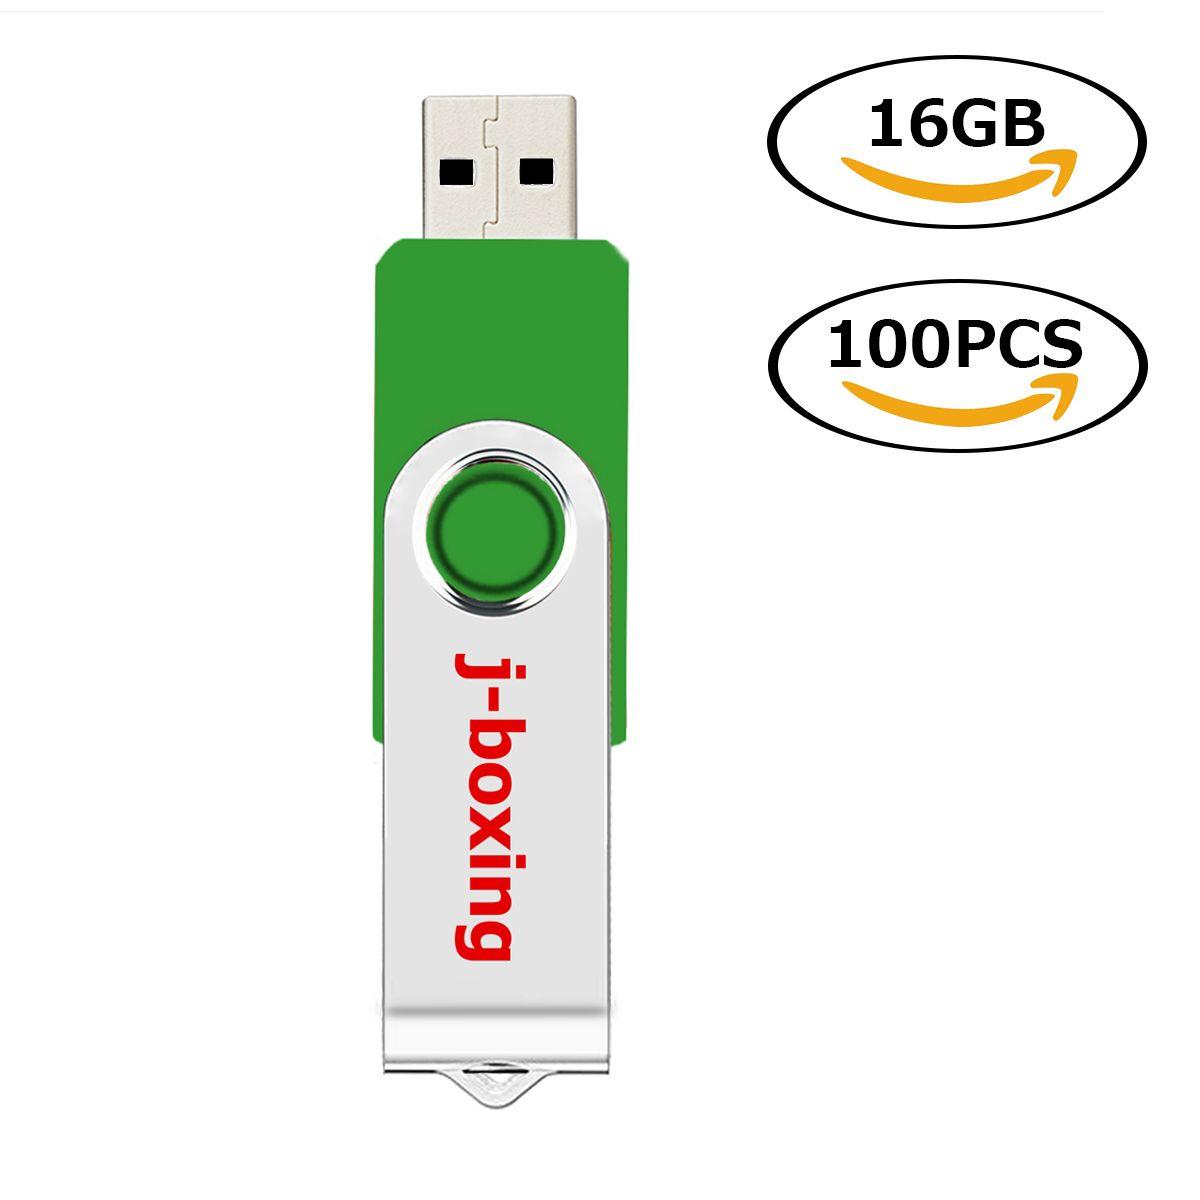 Toptan 100 ADET 16 GB USB Flash Sürücüler Metal Döner Flash Memory Stick PC Laptop Tablet Kalem Sürücü Başparmak Depolama için 10 Renkler Ücretsiz Kargo